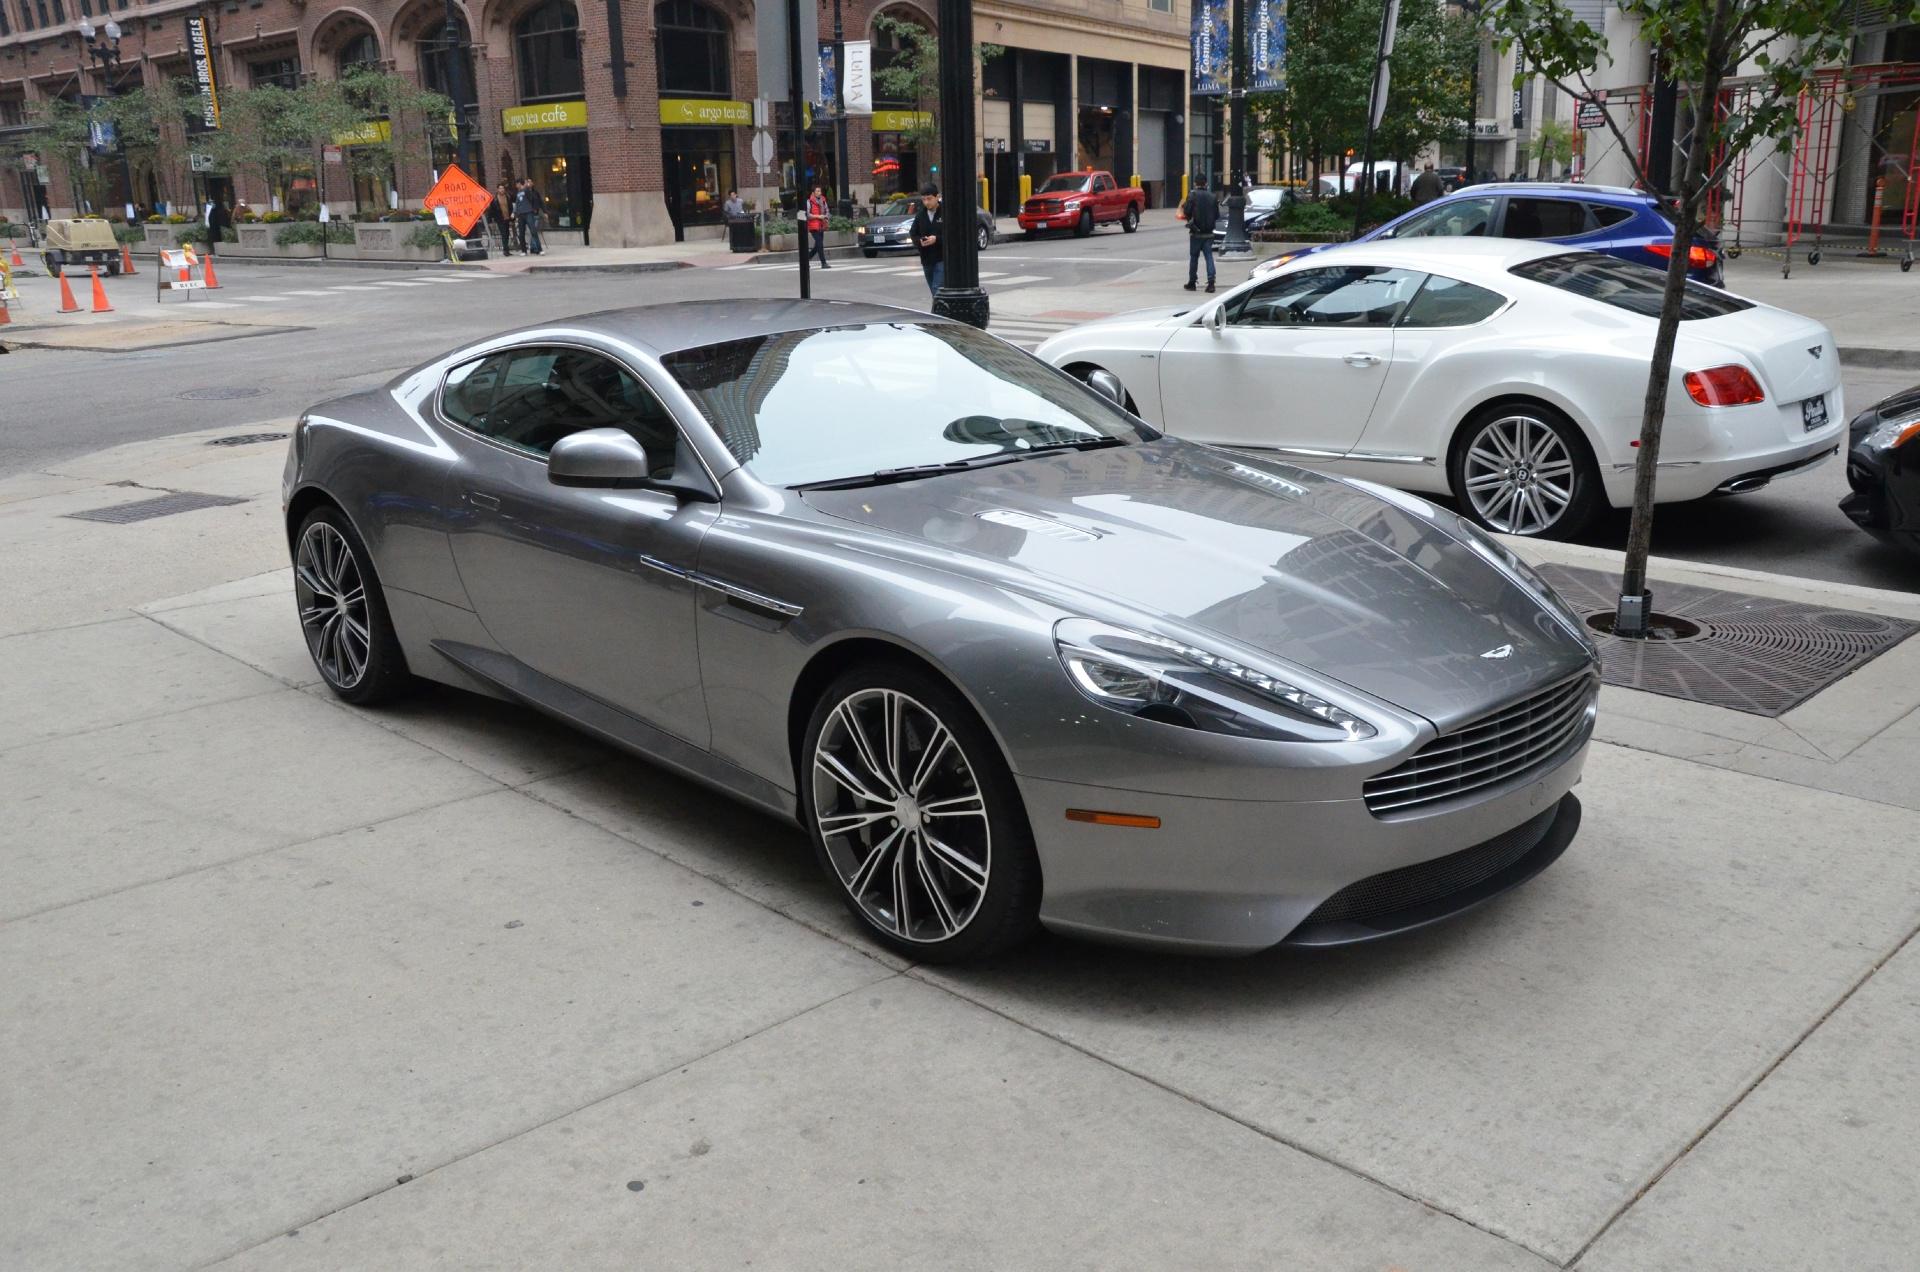 2012 Aston Martin Virage Stock B516a For Sale Near Chicago Il Il Aston Martin Dealer